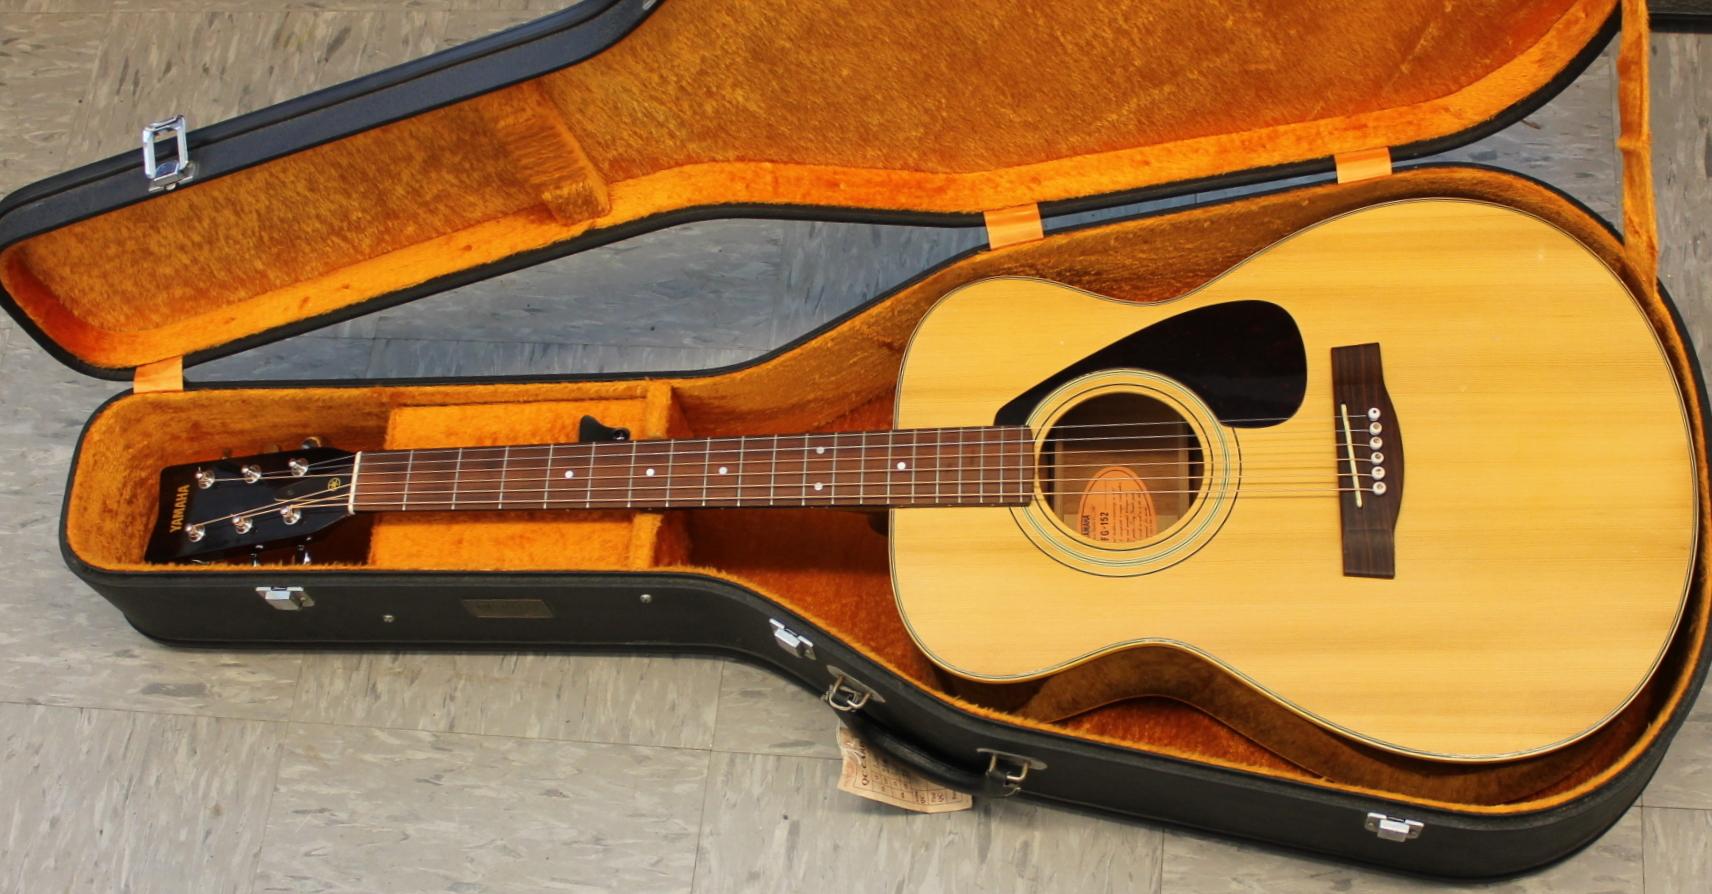 Yamaha Fg Guitar For Sale